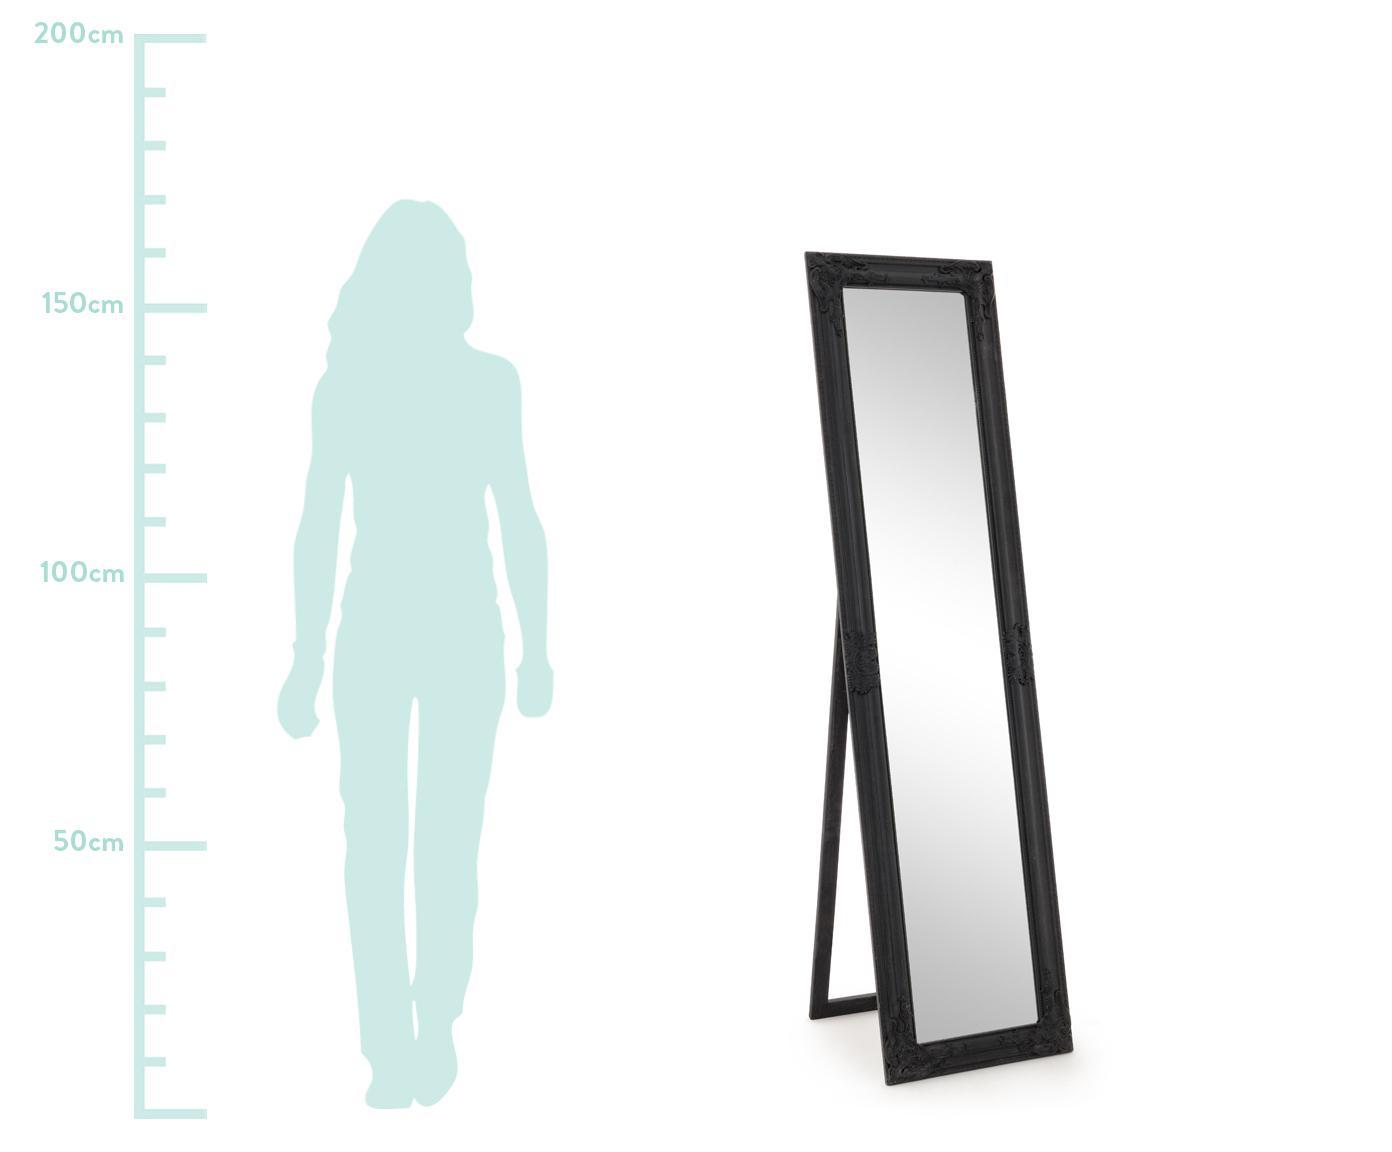 Standspiegel Miro mit schwarzem Rahmen, Rahmen: Holz, beschichtet, Spiegelfläche: Spiegelglas, Schwarz, 40 x 160 cm